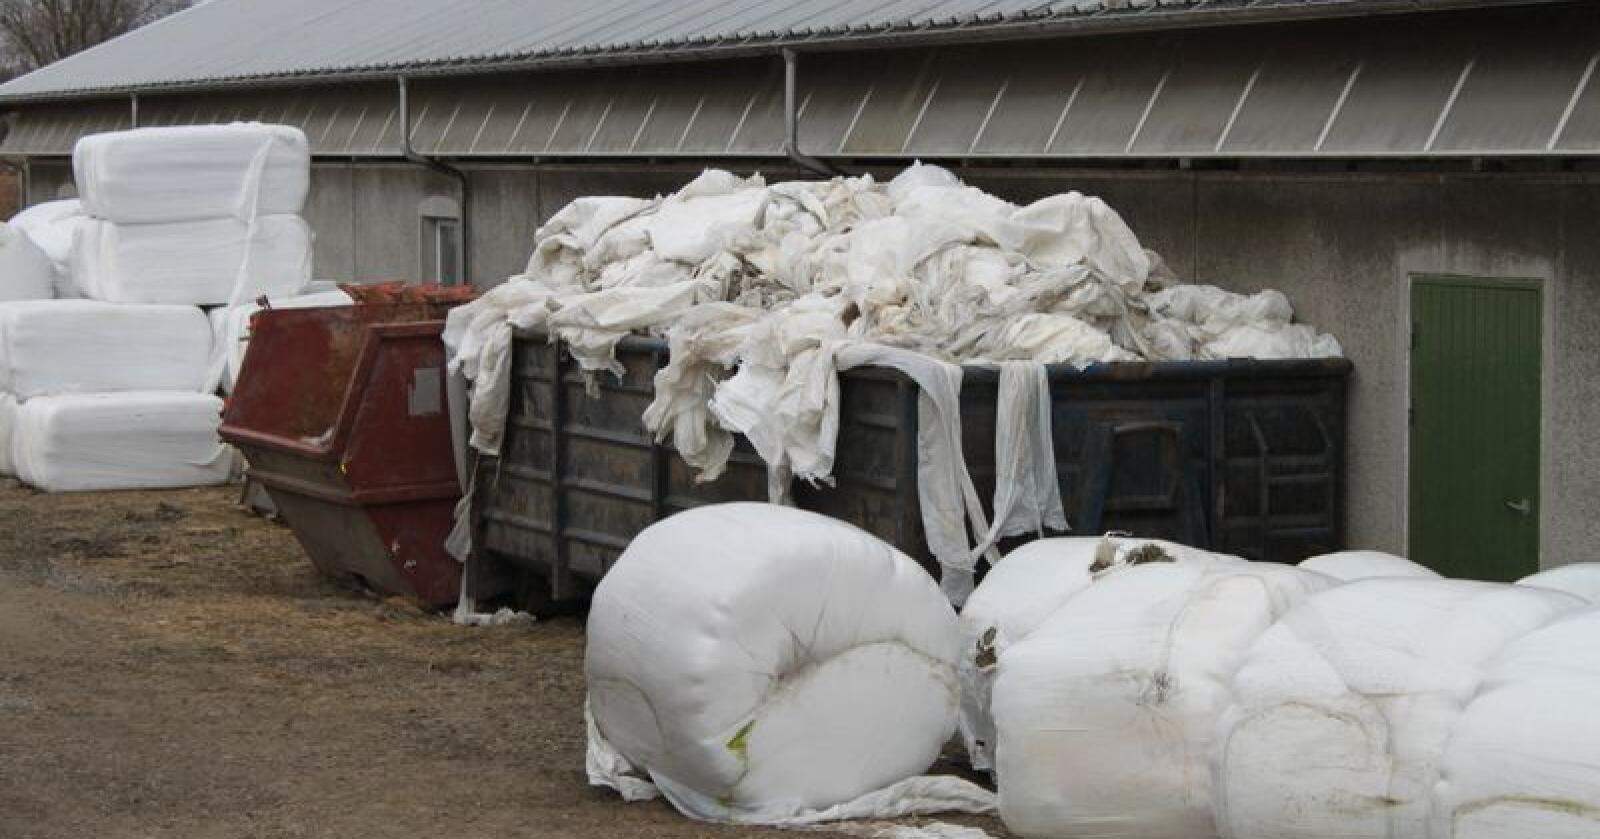 Landbruket er avhengig av å ha en velfungerende ordning for resirkulering av landbruksplast, men nå truer gratispassasjerer hele ordningen. Foto: Camilla Mellemstrand